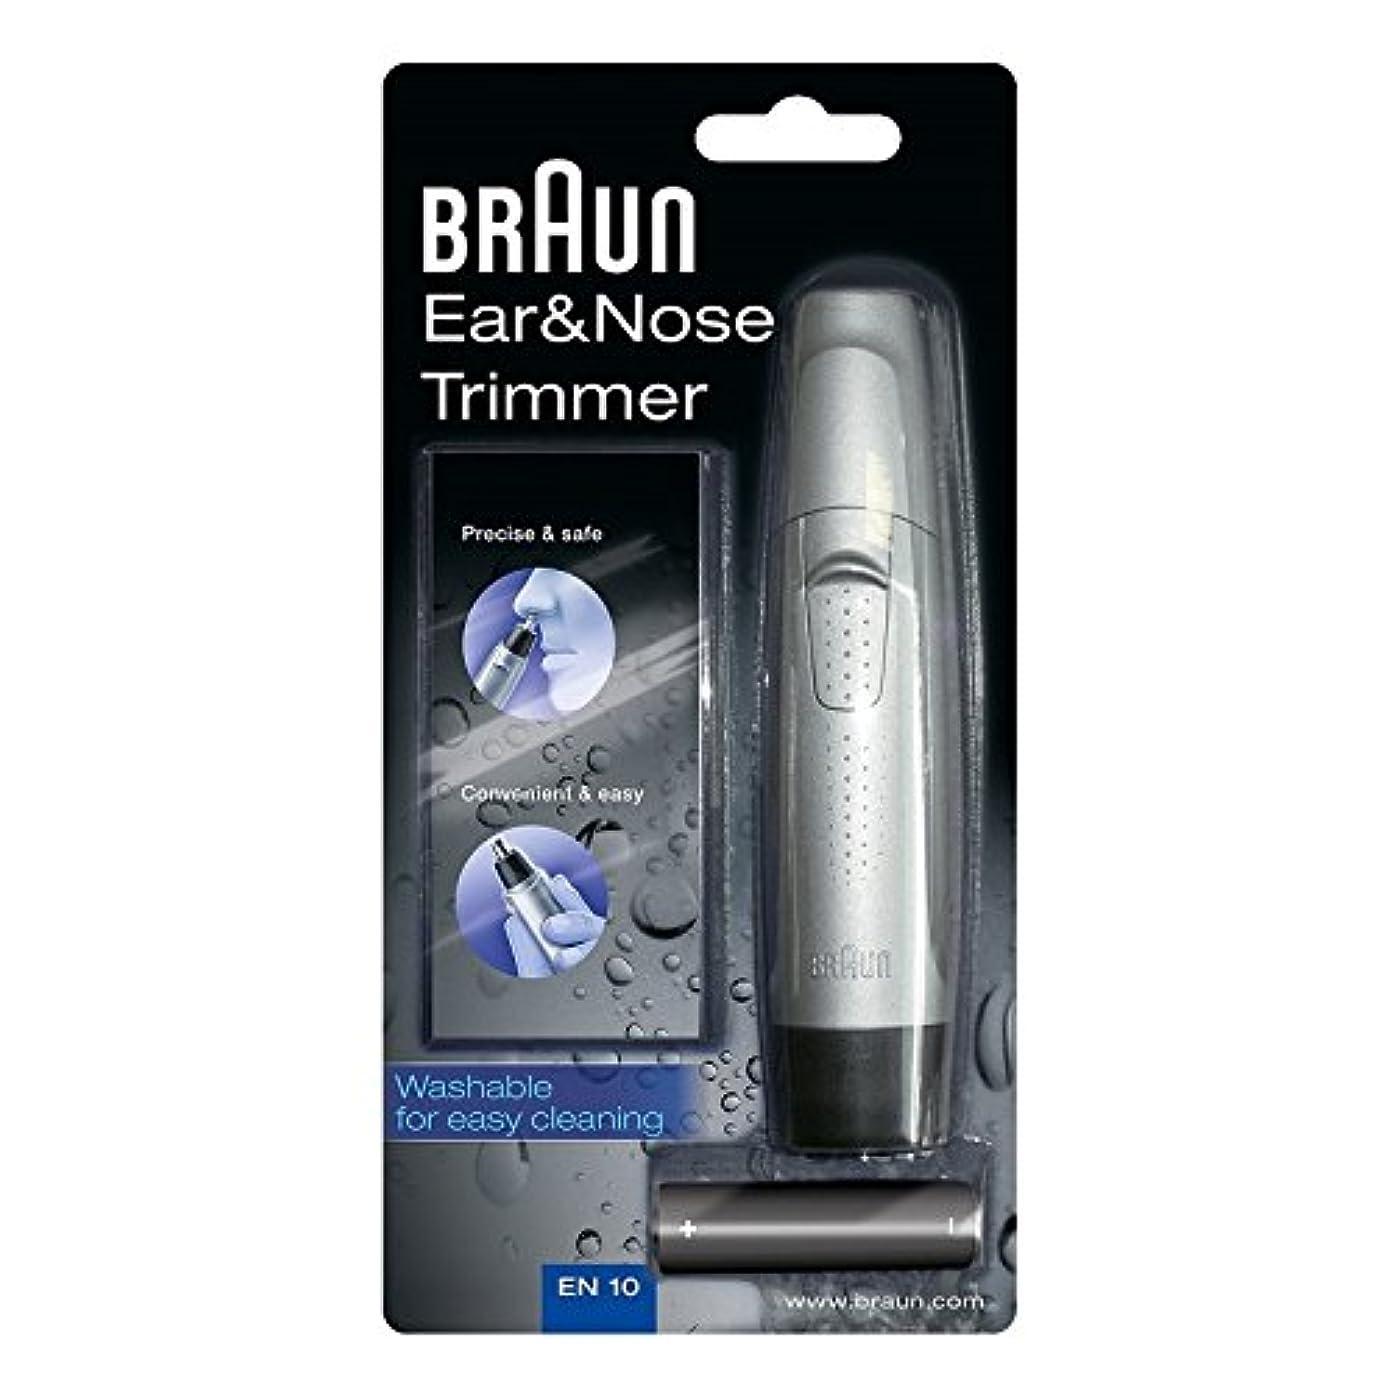 スモッグオッズ歯科医Braun EN10 耳と鼻トリマー EN10 [並行輸入品]